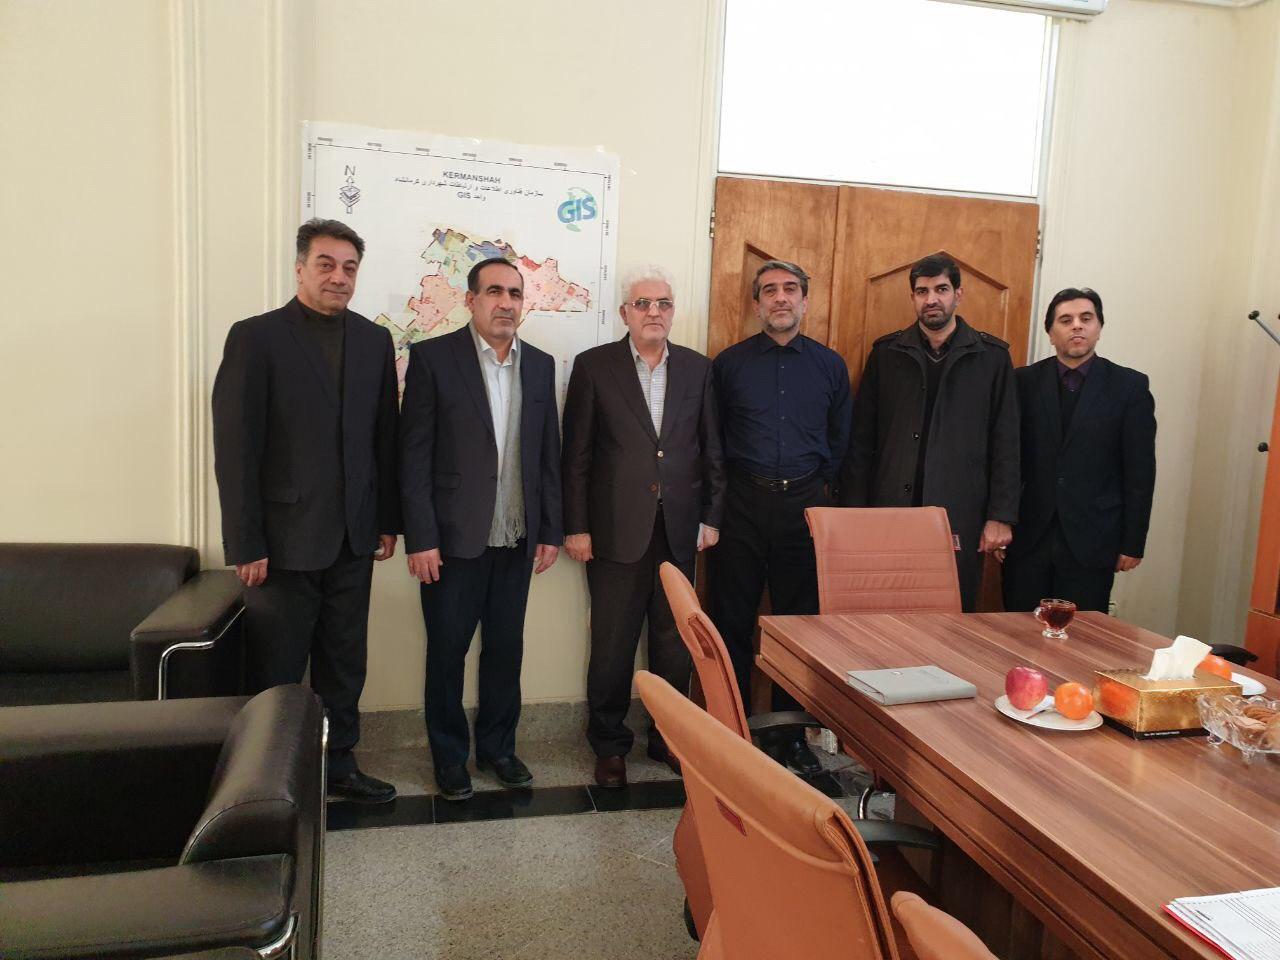 مشاور کمیسیون سرمایه گذاری و مشارکت های شورای شهر انتخاب شد